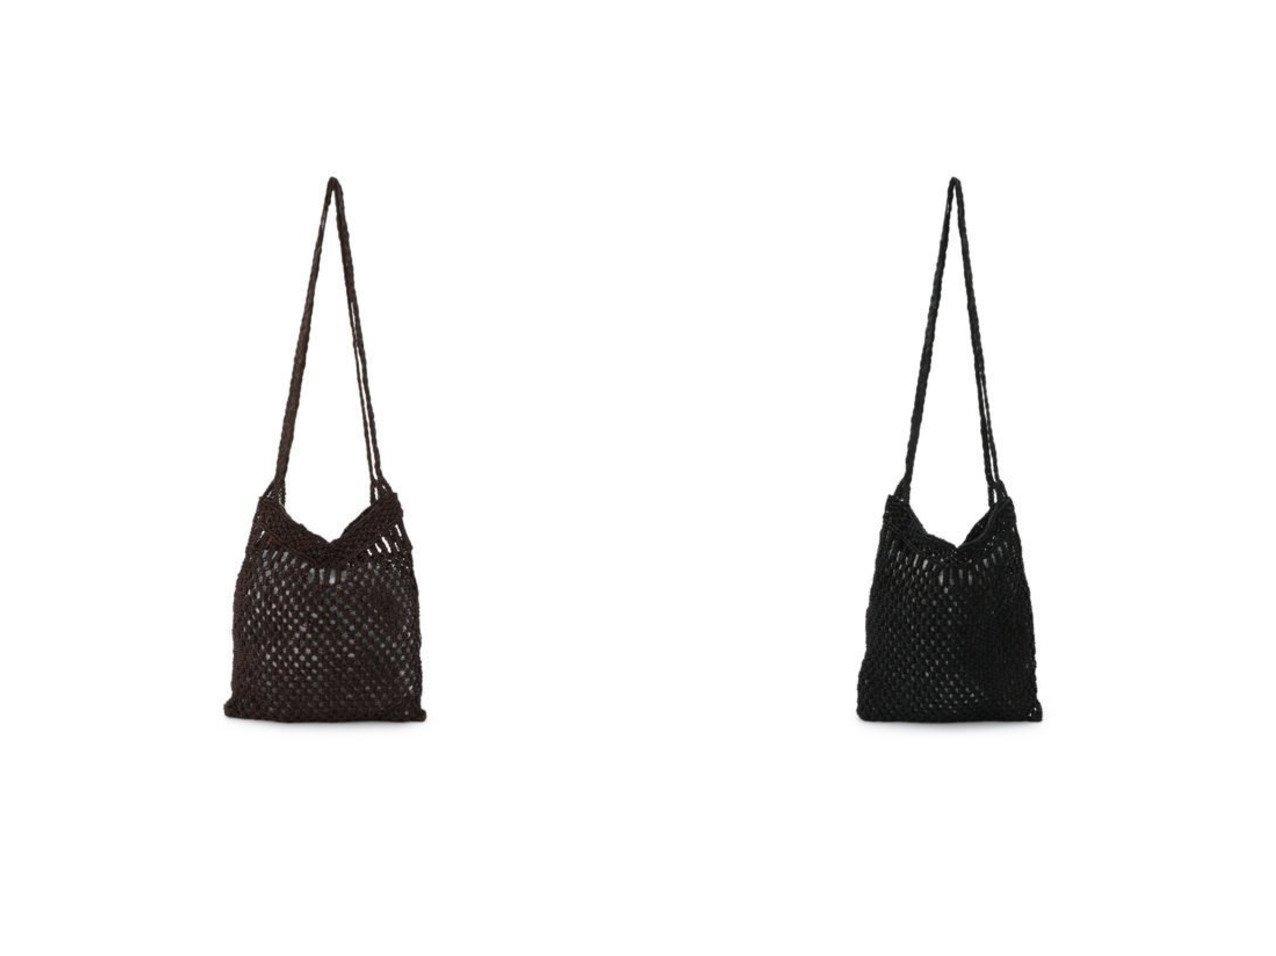 【PLAIN PEOPLE/プレインピープル】の【dragon】レザーメッシュマクラメ編みショルダーバッグ MACRAME BUM BAG 【バッグ・鞄】おすすめ!人気、トレンド・レディースファッションの通販 おすすめで人気の流行・トレンド、ファッションの通販商品 インテリア・家具・メンズファッション・キッズファッション・レディースファッション・服の通販 founy(ファニー) https://founy.com/ ファッション Fashion レディースファッション WOMEN バッグ Bag クラシカル スタイリッシュ プレート  ID:crp329100000071433